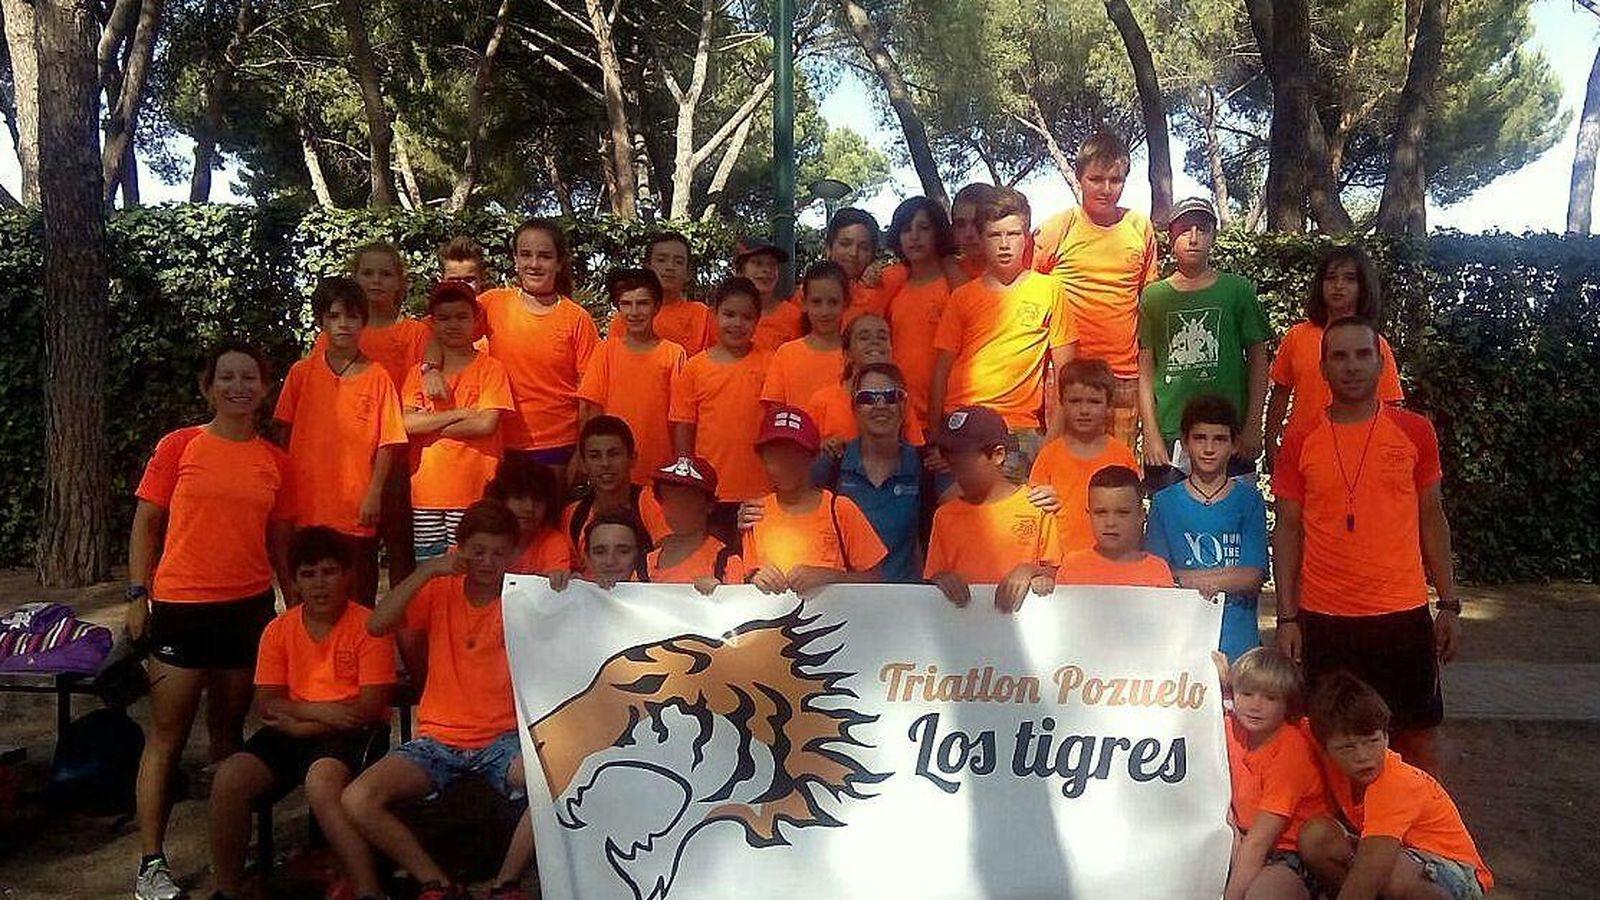 Foto: En la imagen, jóvenes atletas del Club Triatlón Los Tigres de Pozuelo